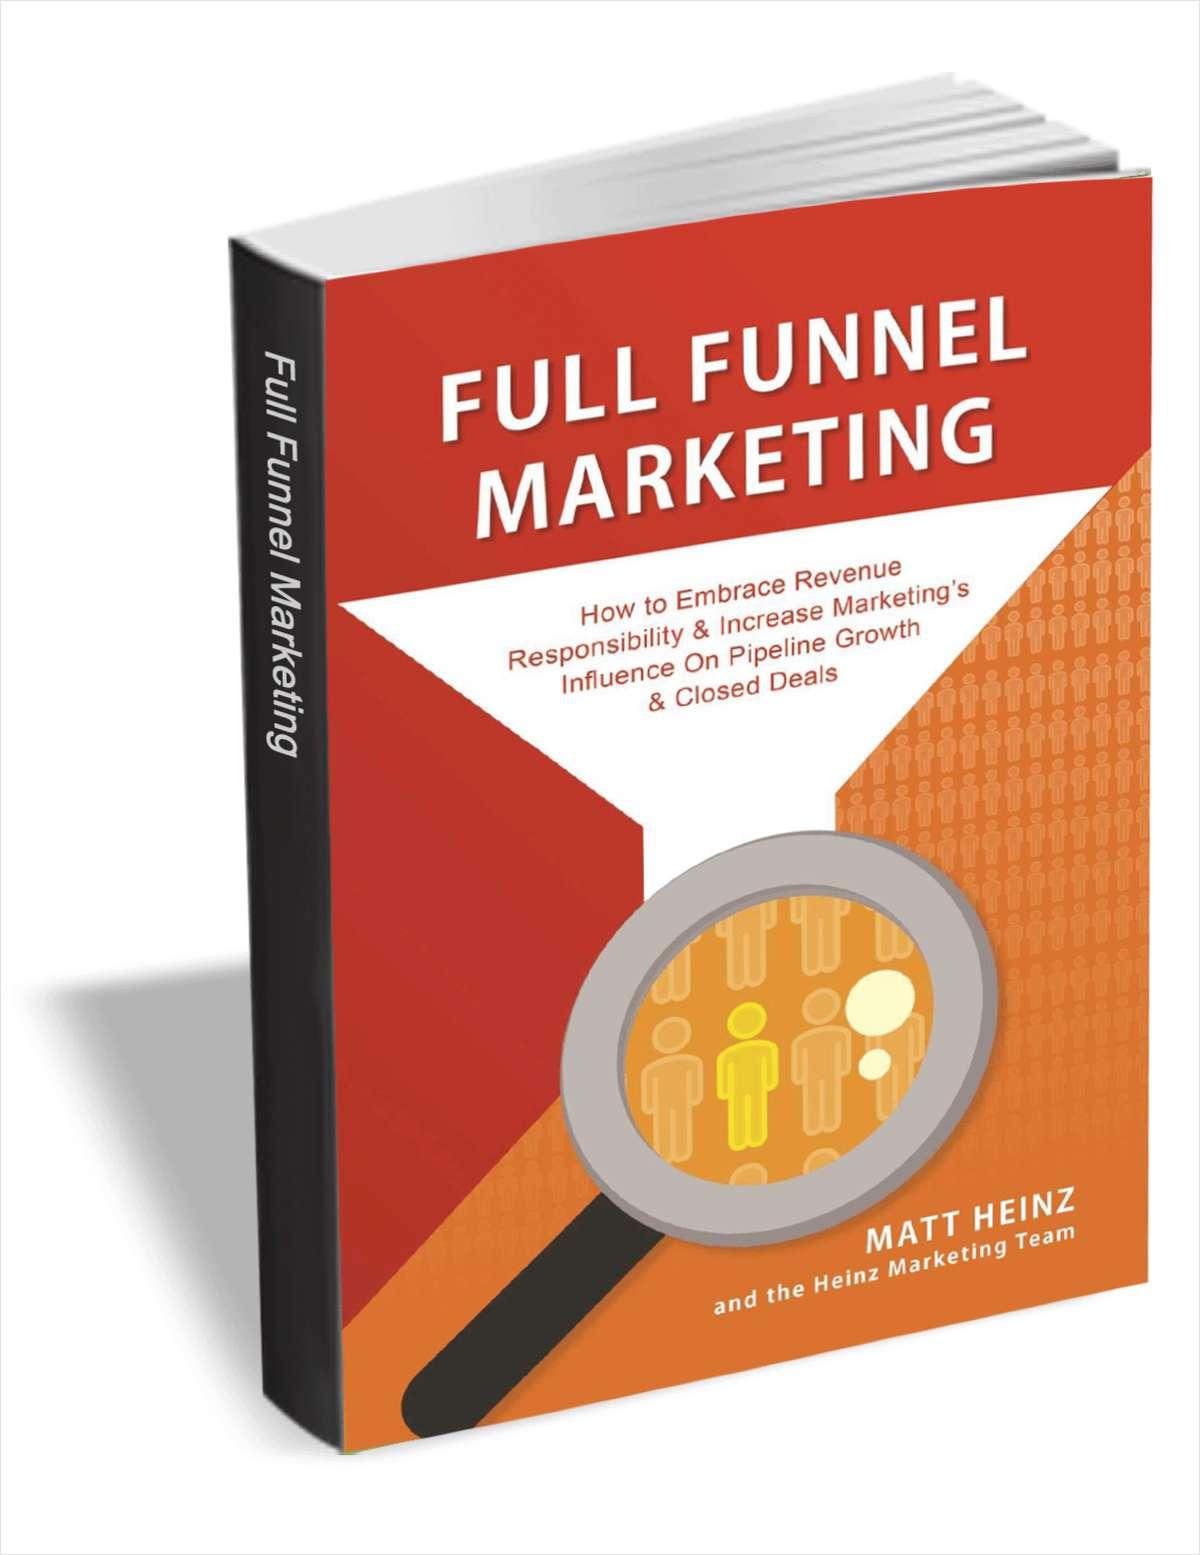 Full Funnel Marketing